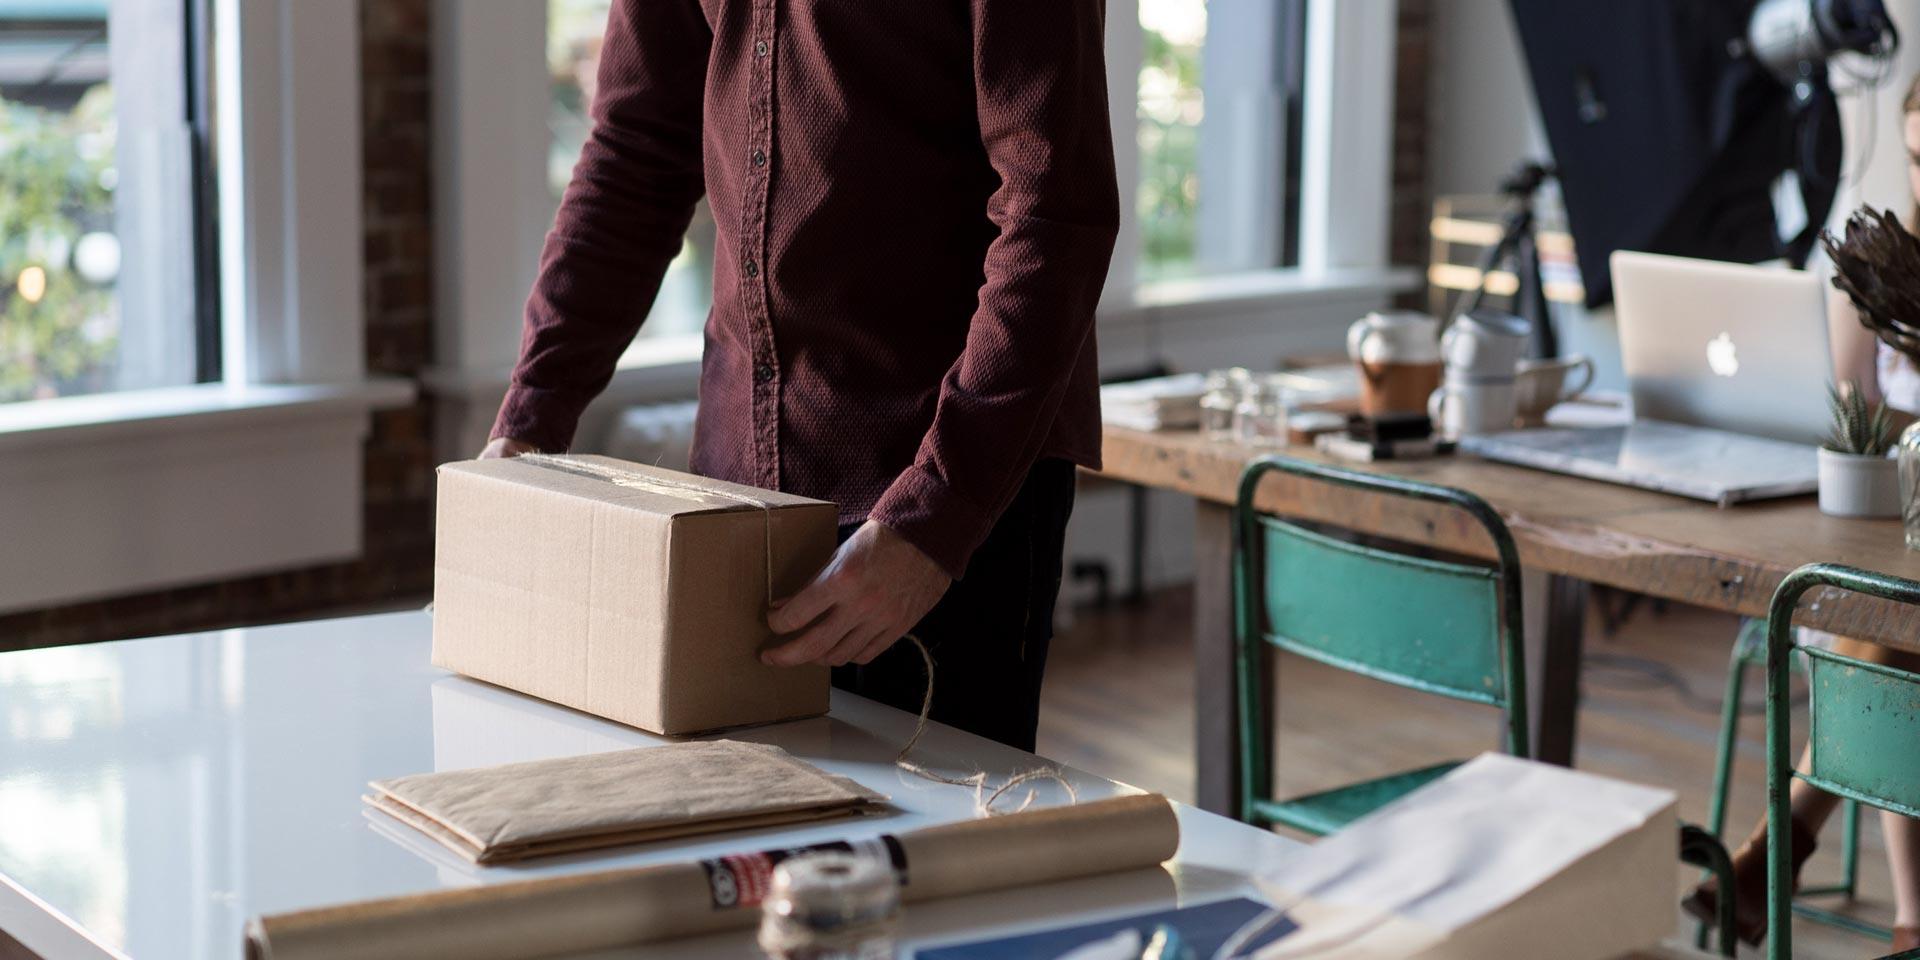 ¿Por qué pasarse al e-commerce teniendo una tienda offline?